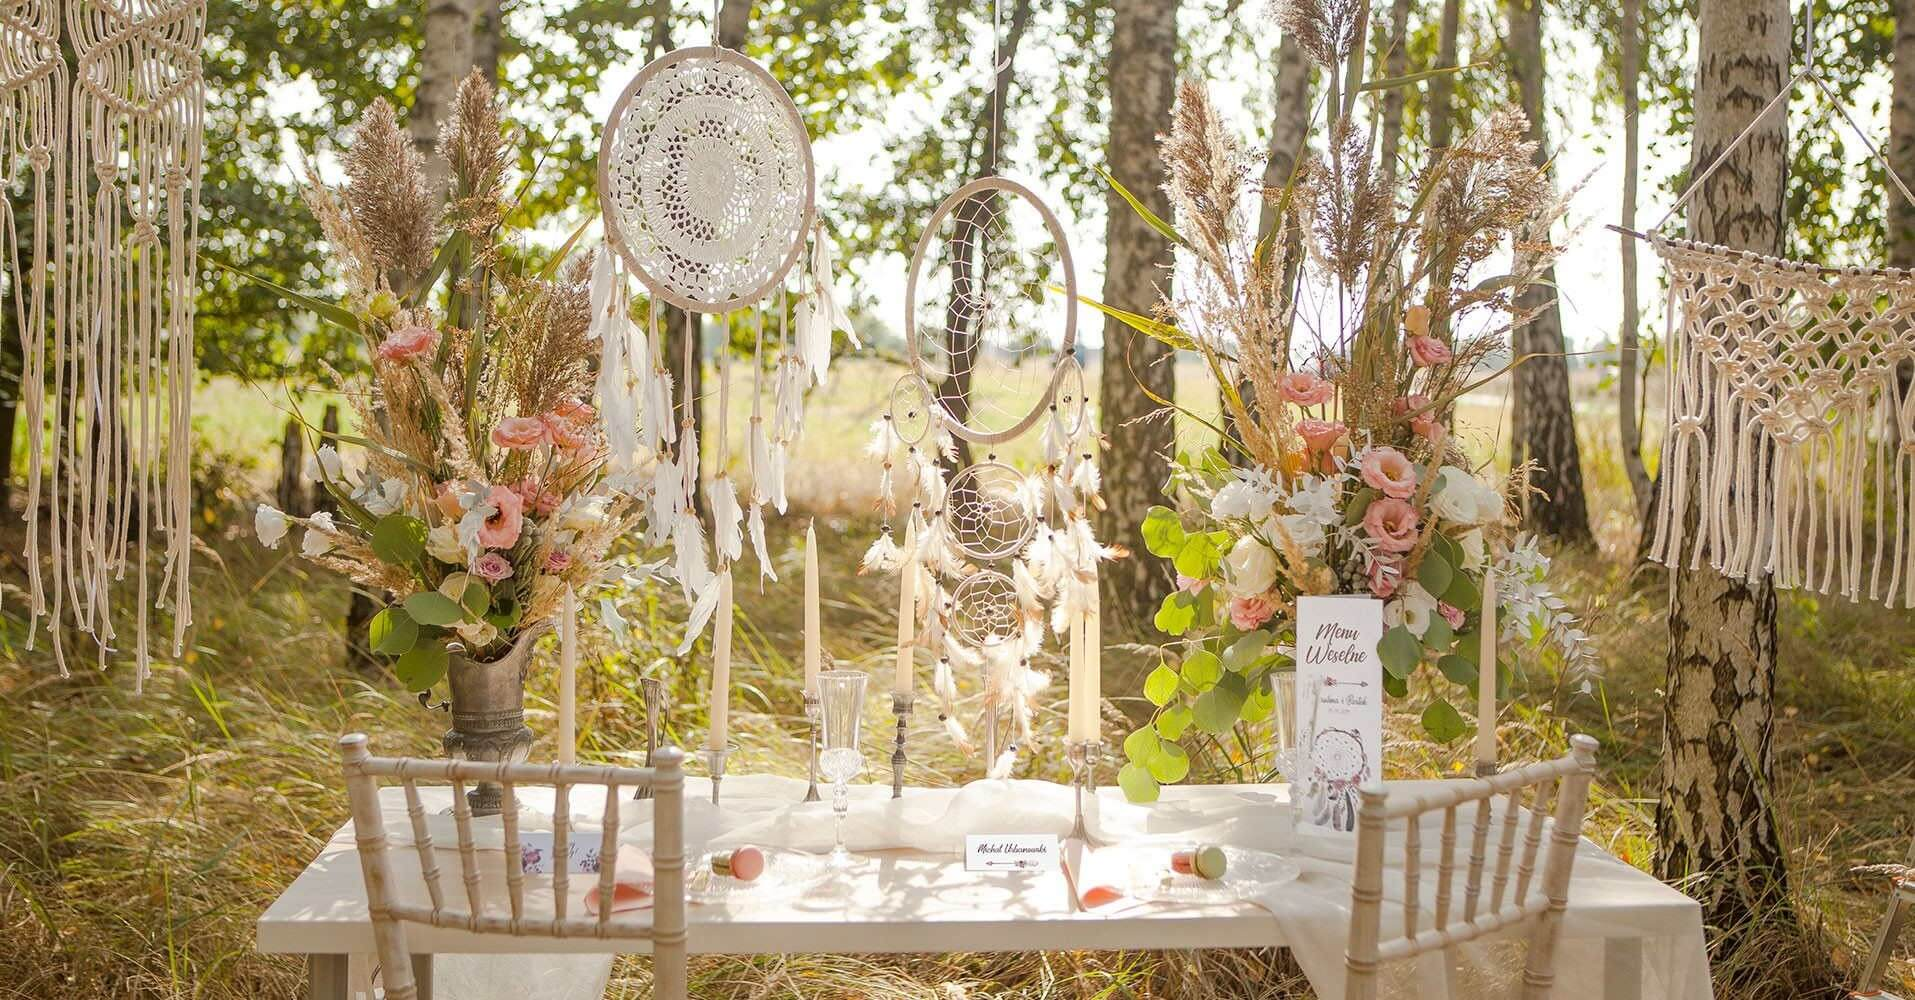 Dekoracje na ślub i wesele - wybierz kolekcję